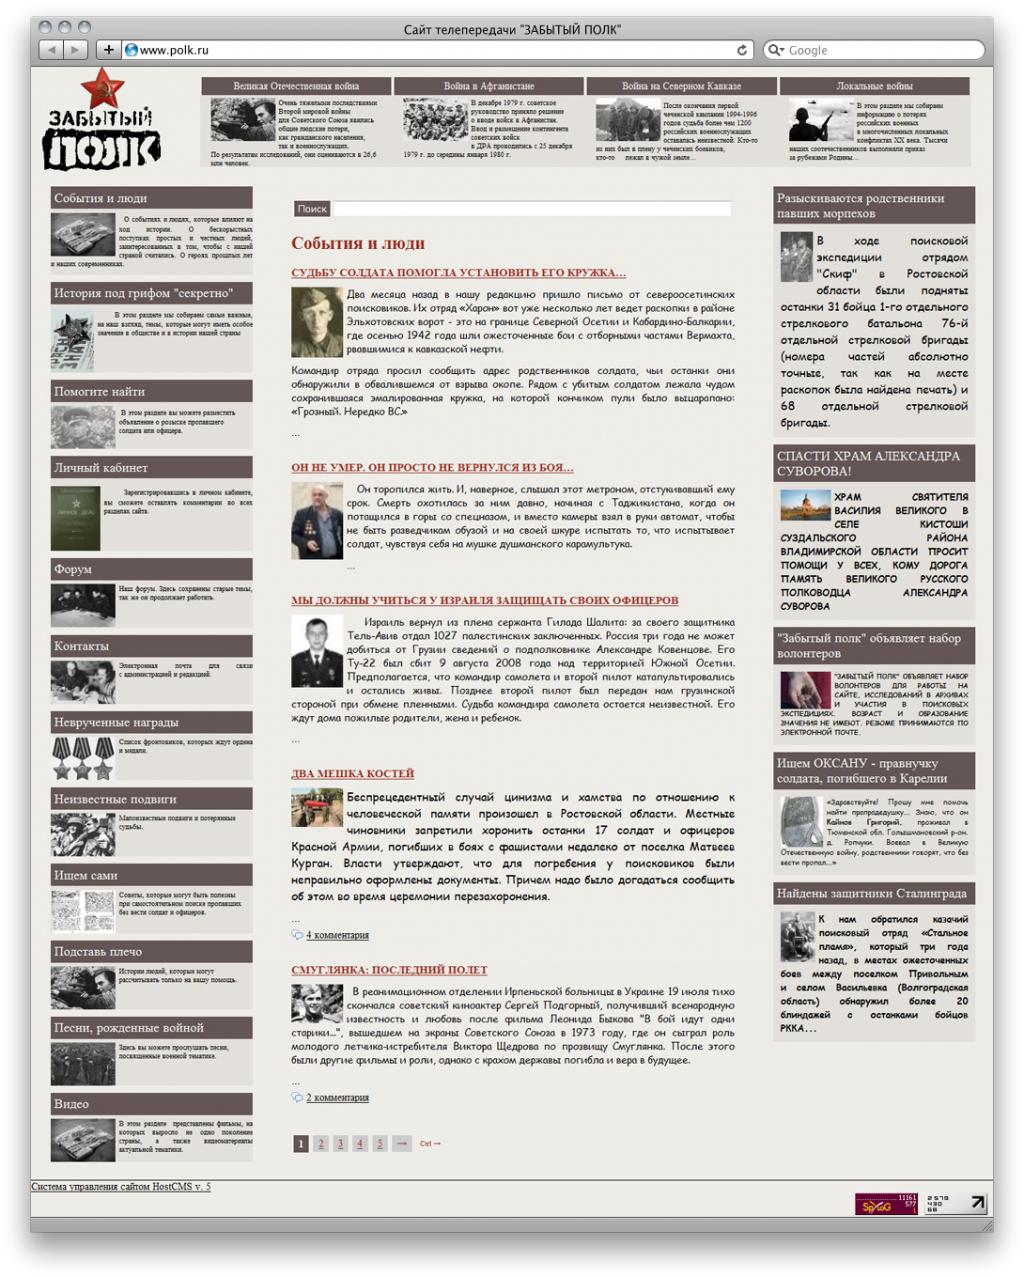 Дизайн сайта СМИ